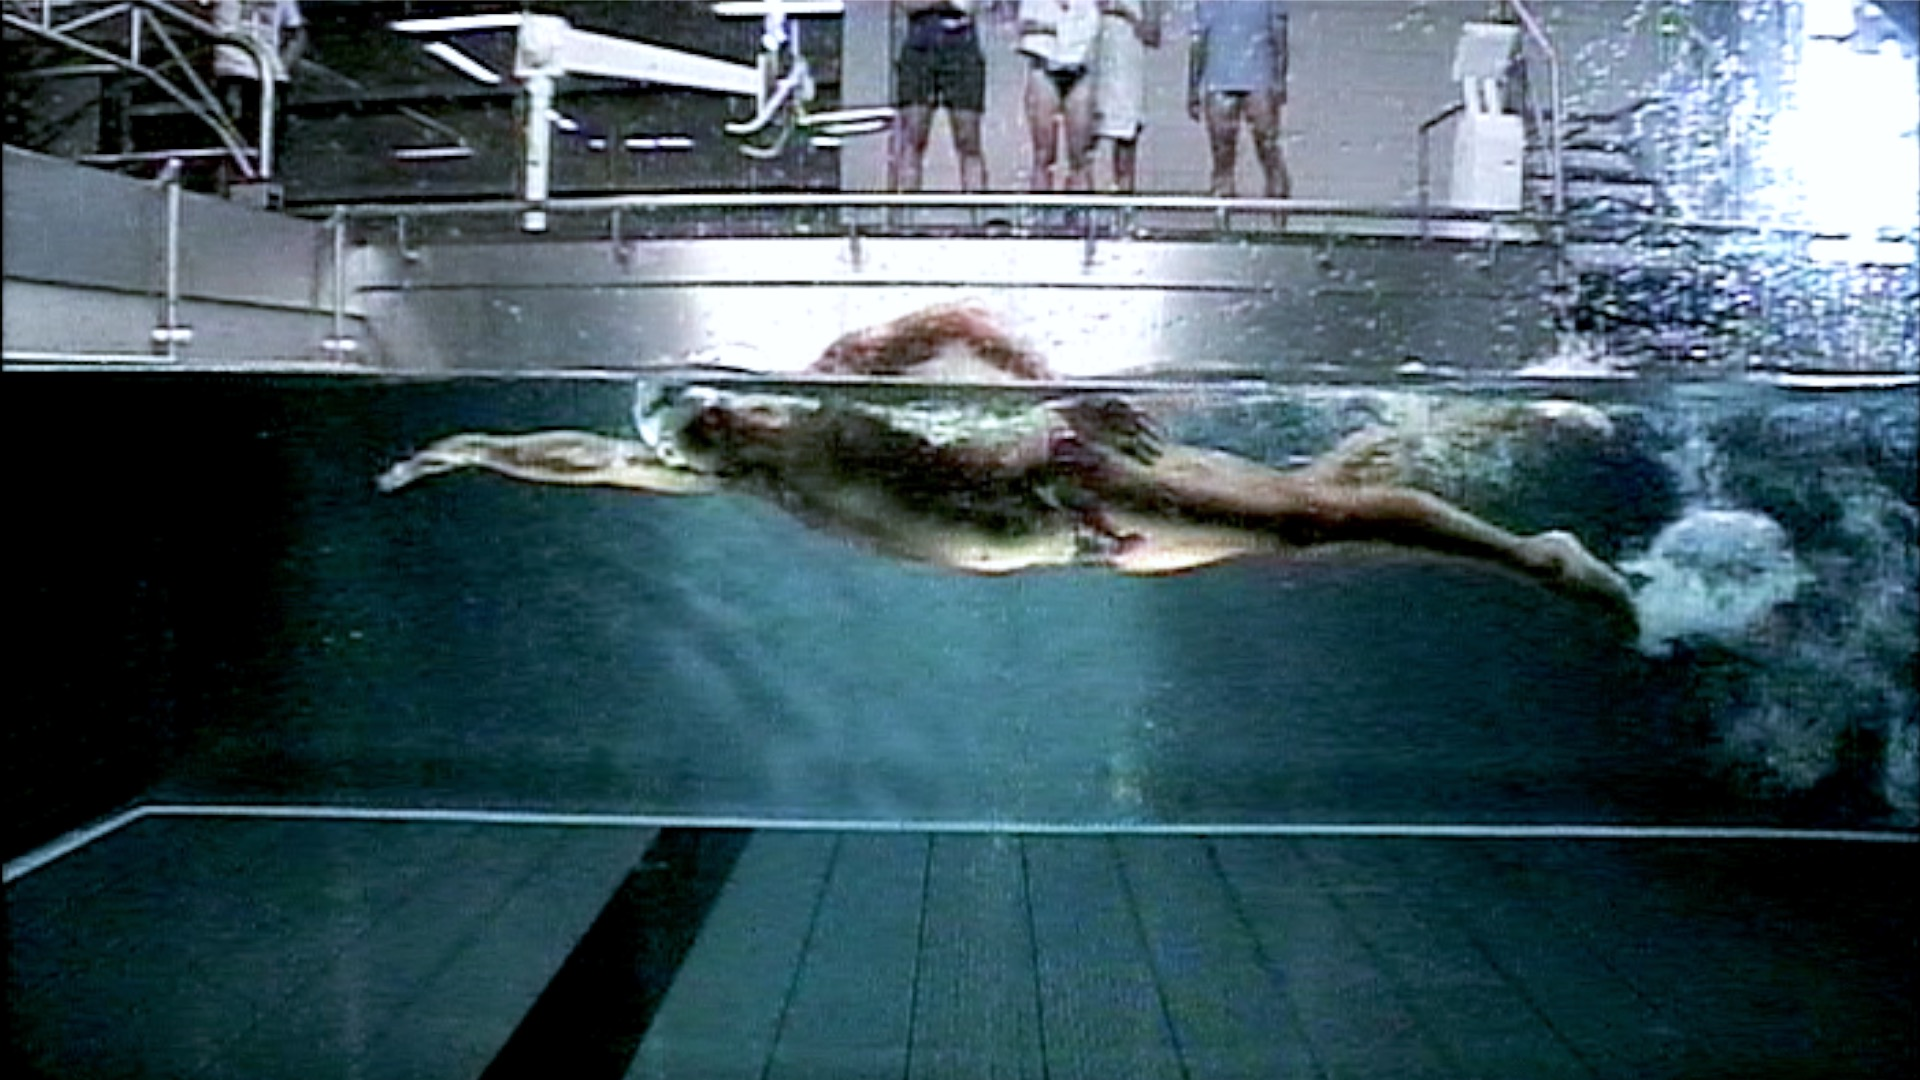 THE COUNTER FLOW: Schwimmanalyse im Schwimmkanal